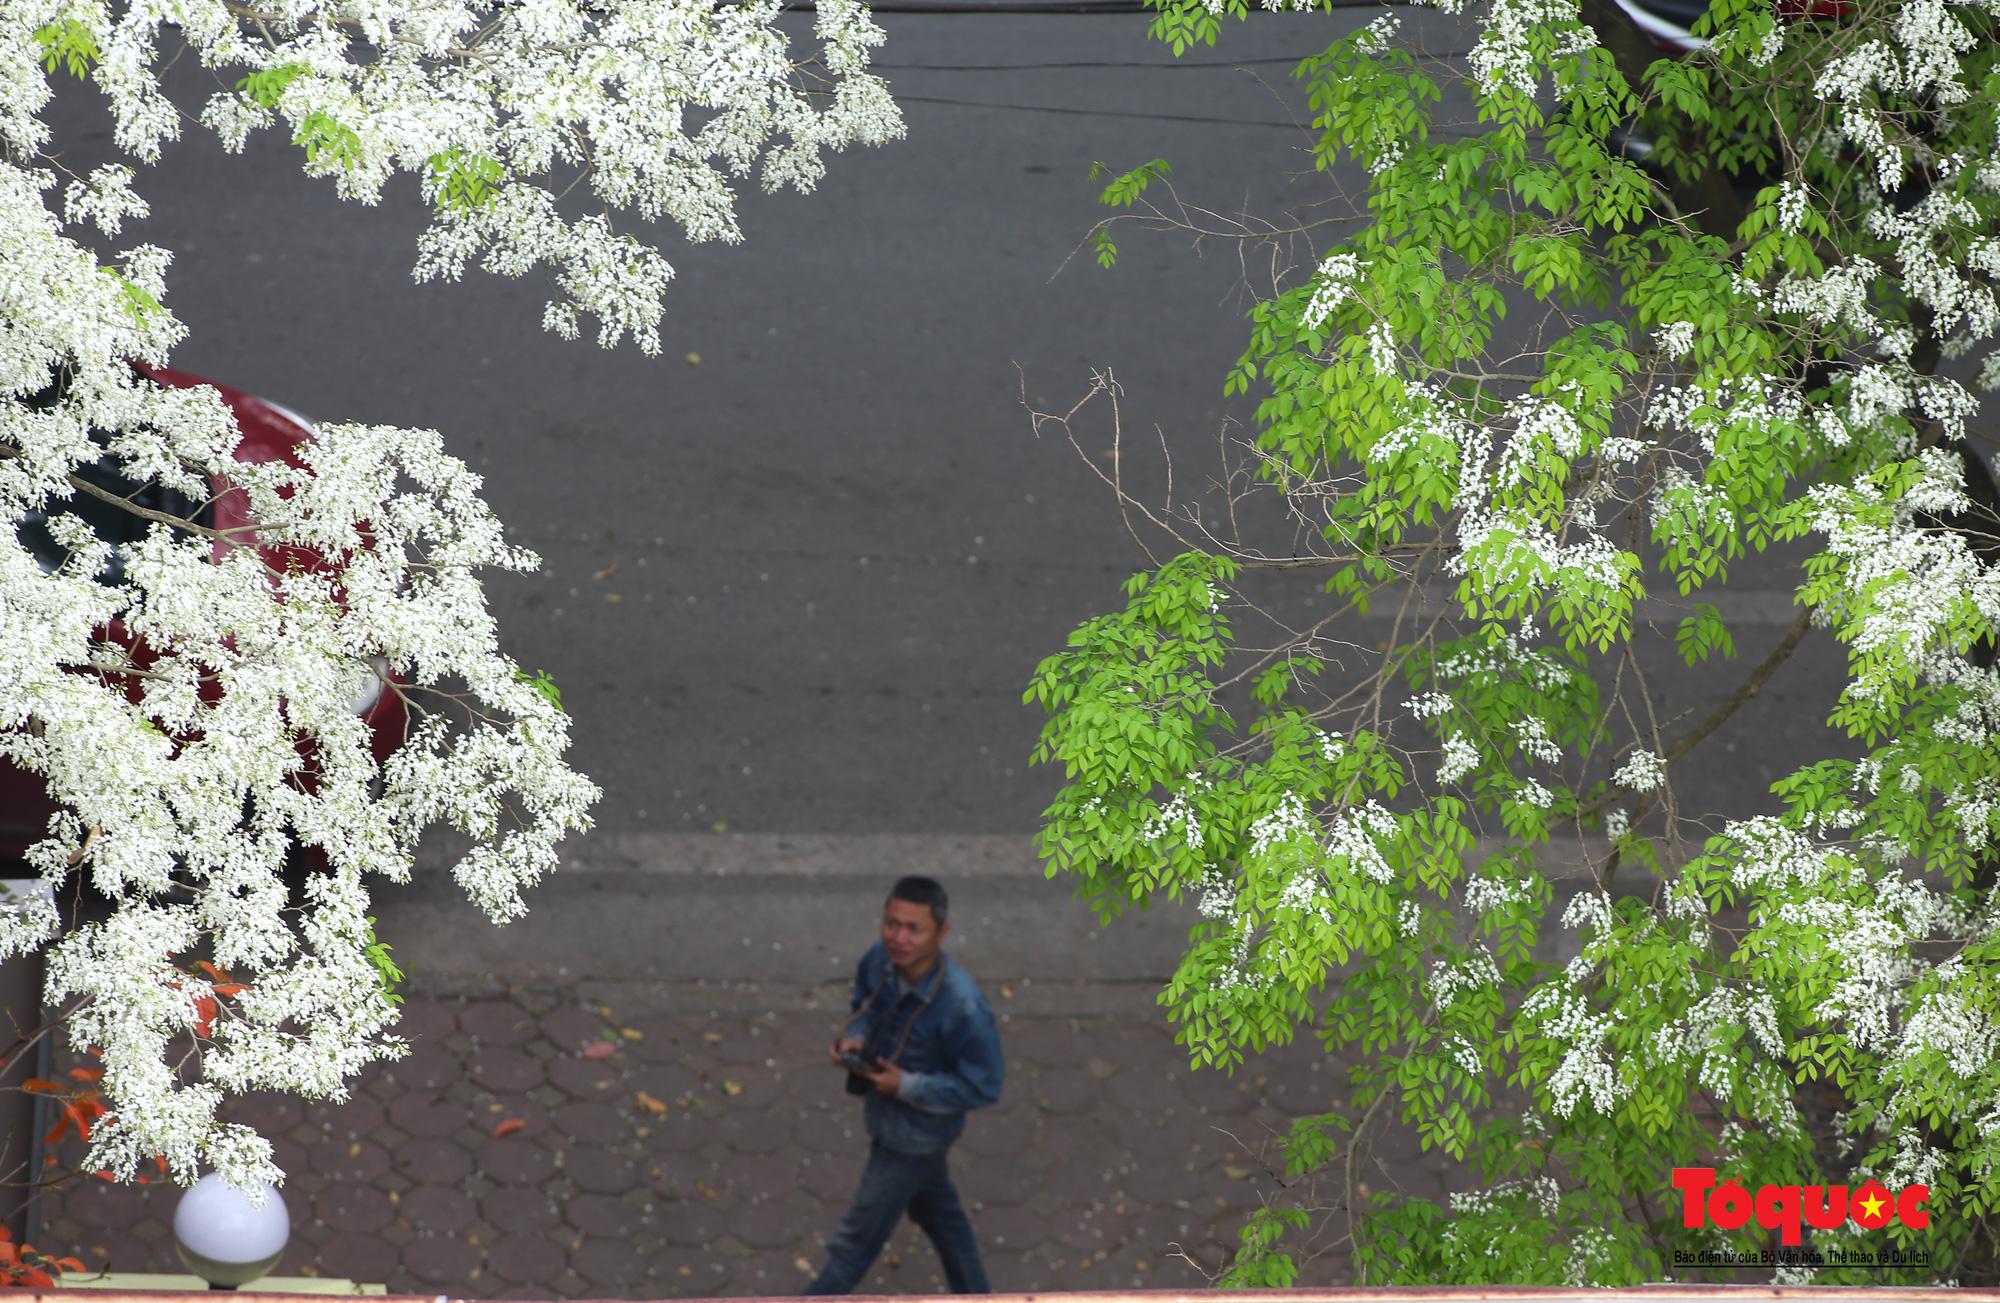 Hà Nội: Tháng ba bất chợt một ngày, trắng tinh hoa Sưa về đây - Ảnh 9.